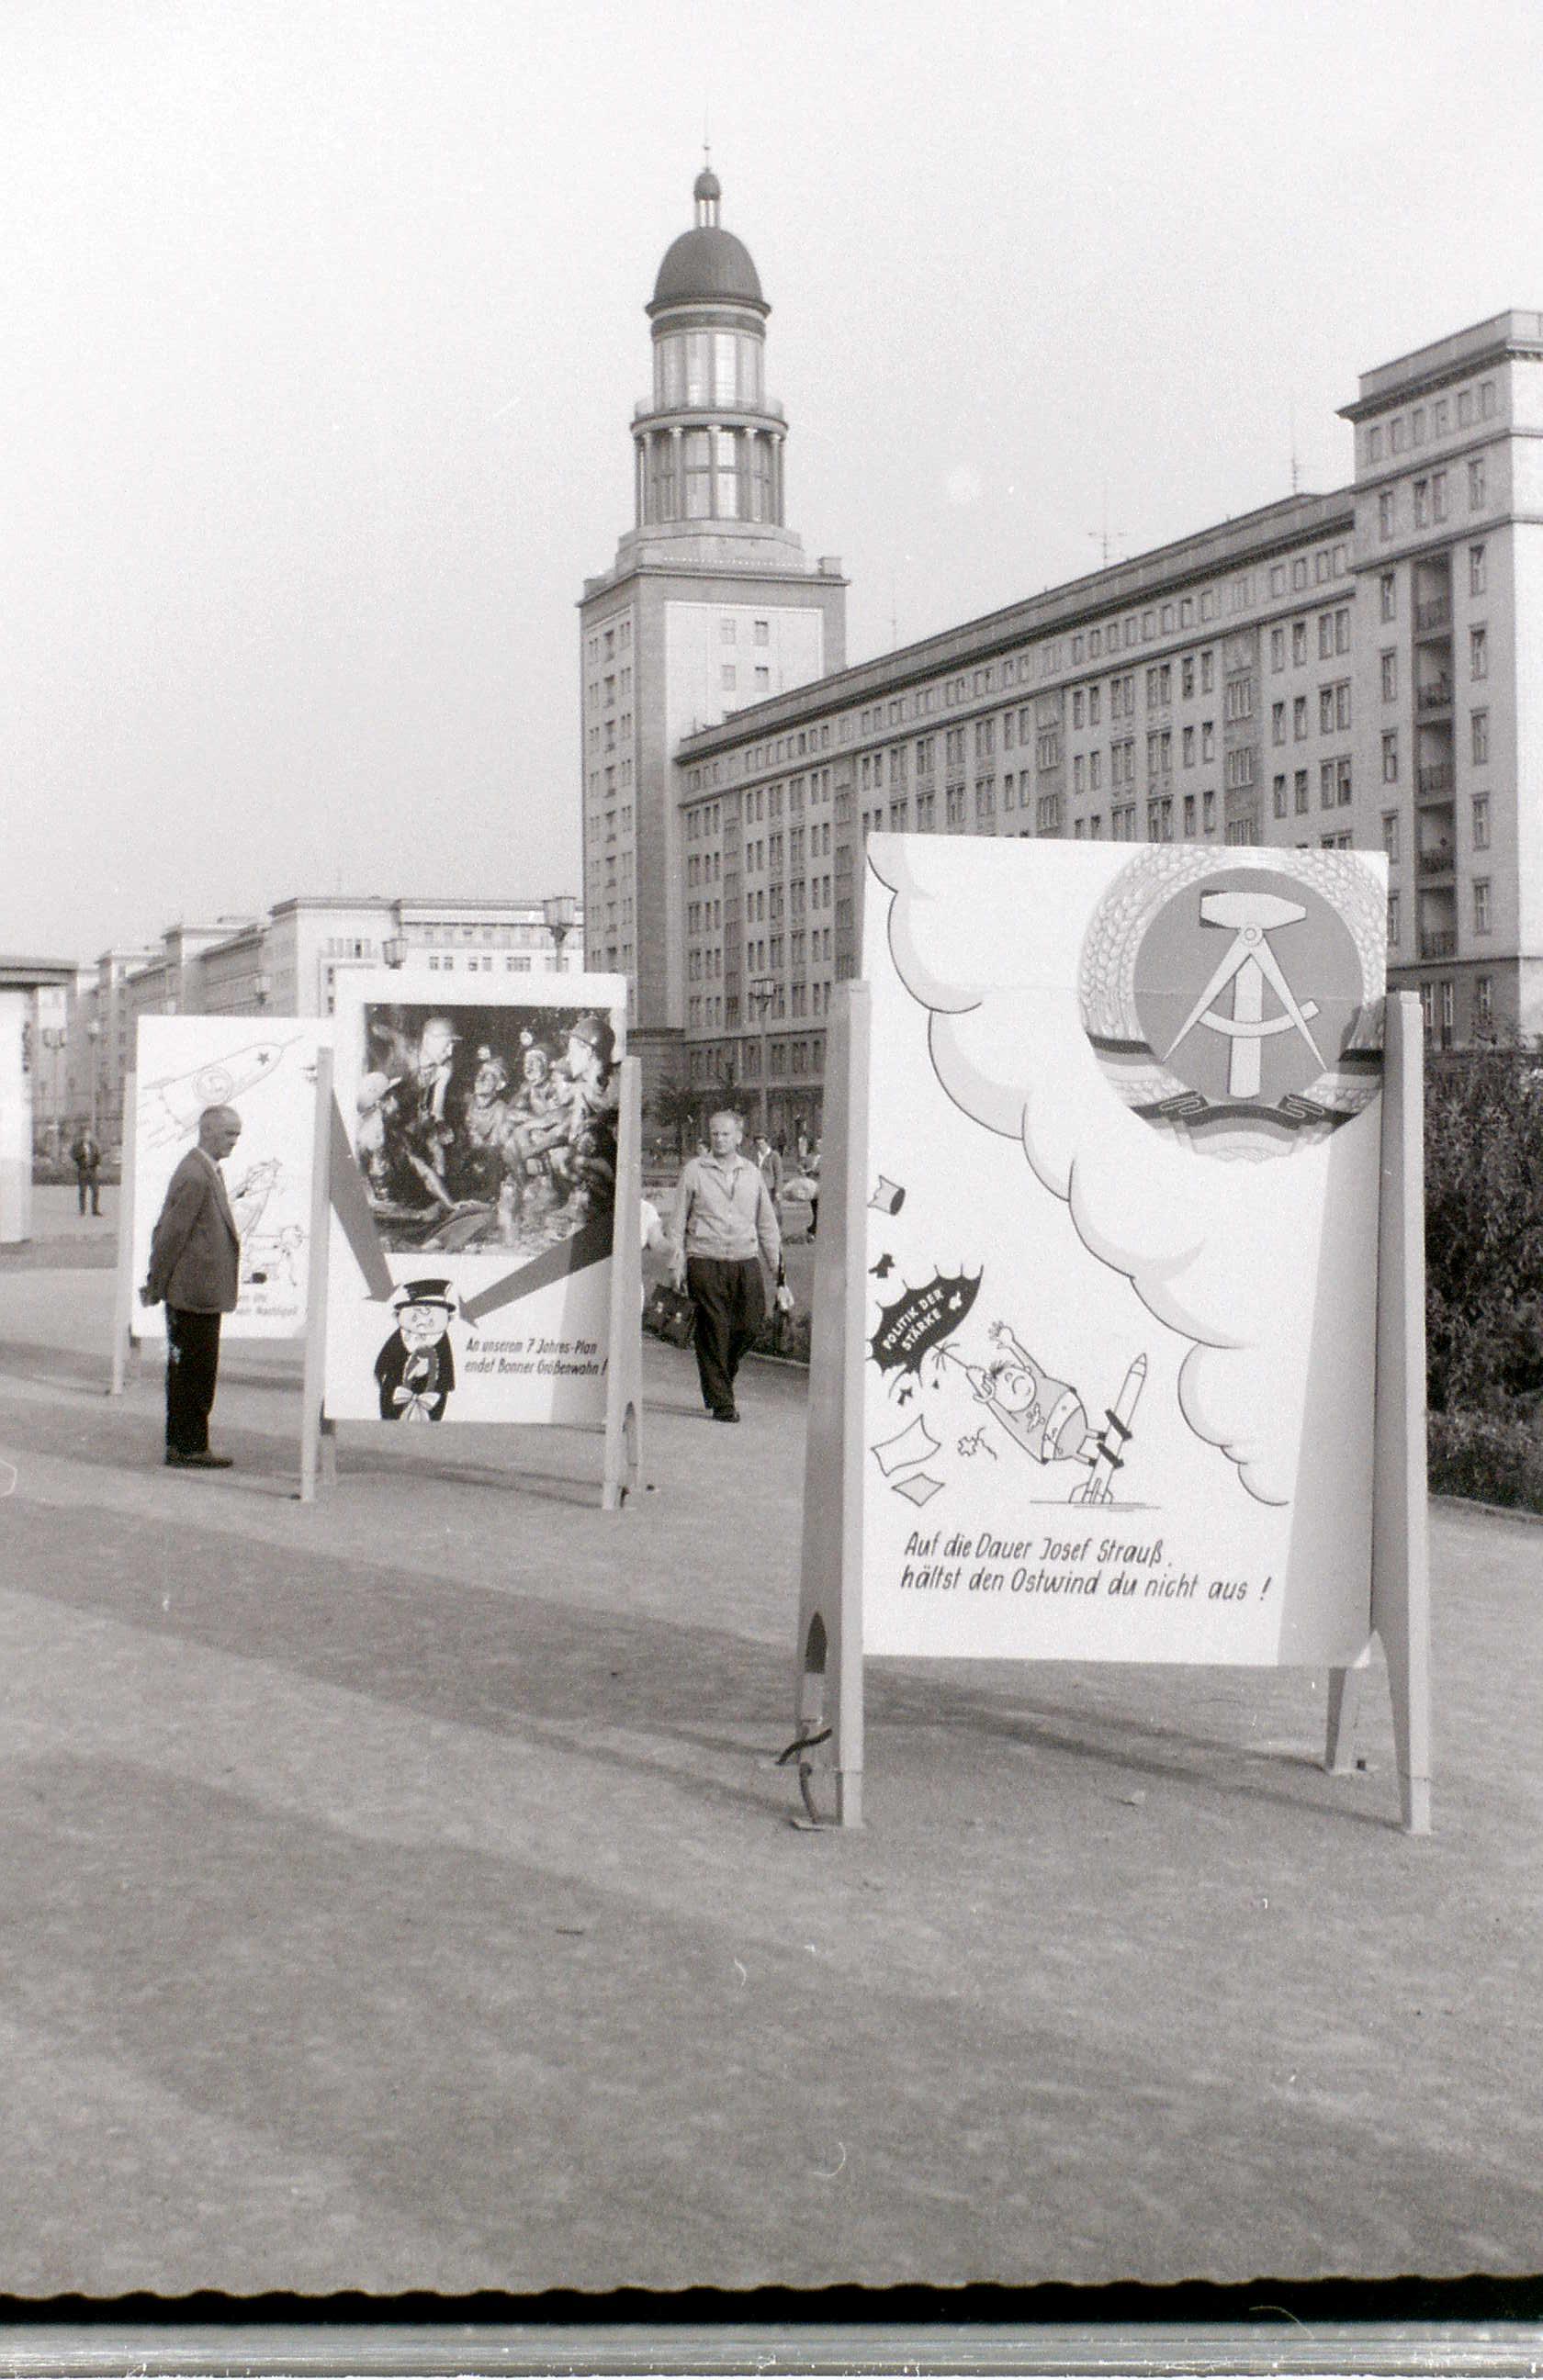 Stalinallee, East Berlin, 8 September 1959